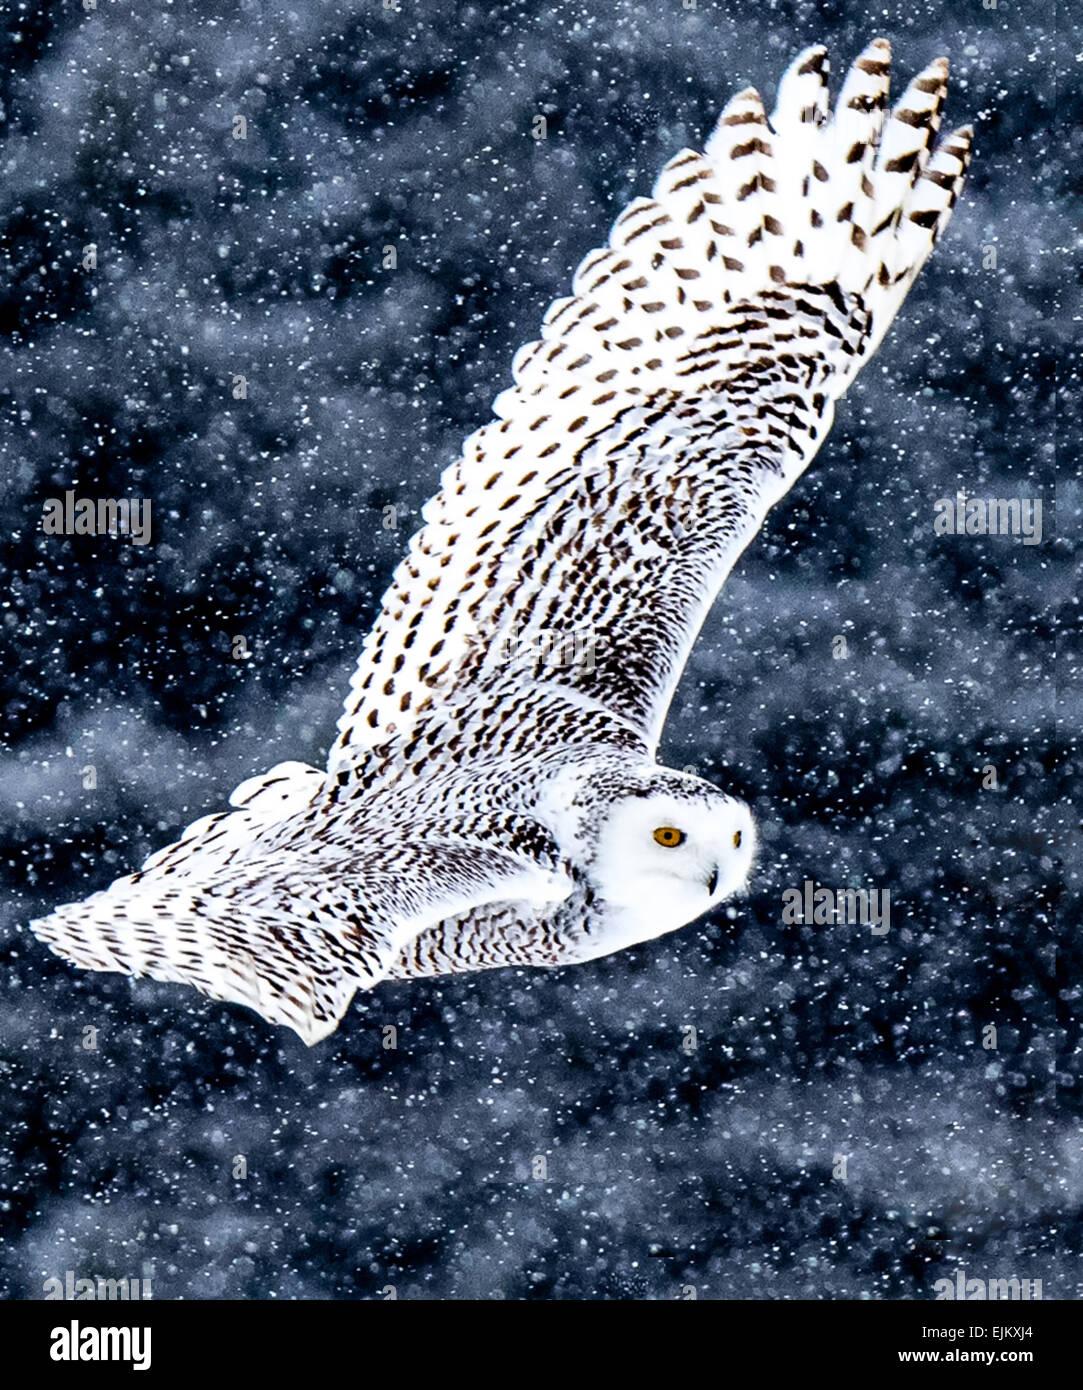 Le civette delle nevi può essere visto campi di roaming in cerca di cibo durante i mesi invernali. Immagini Stock